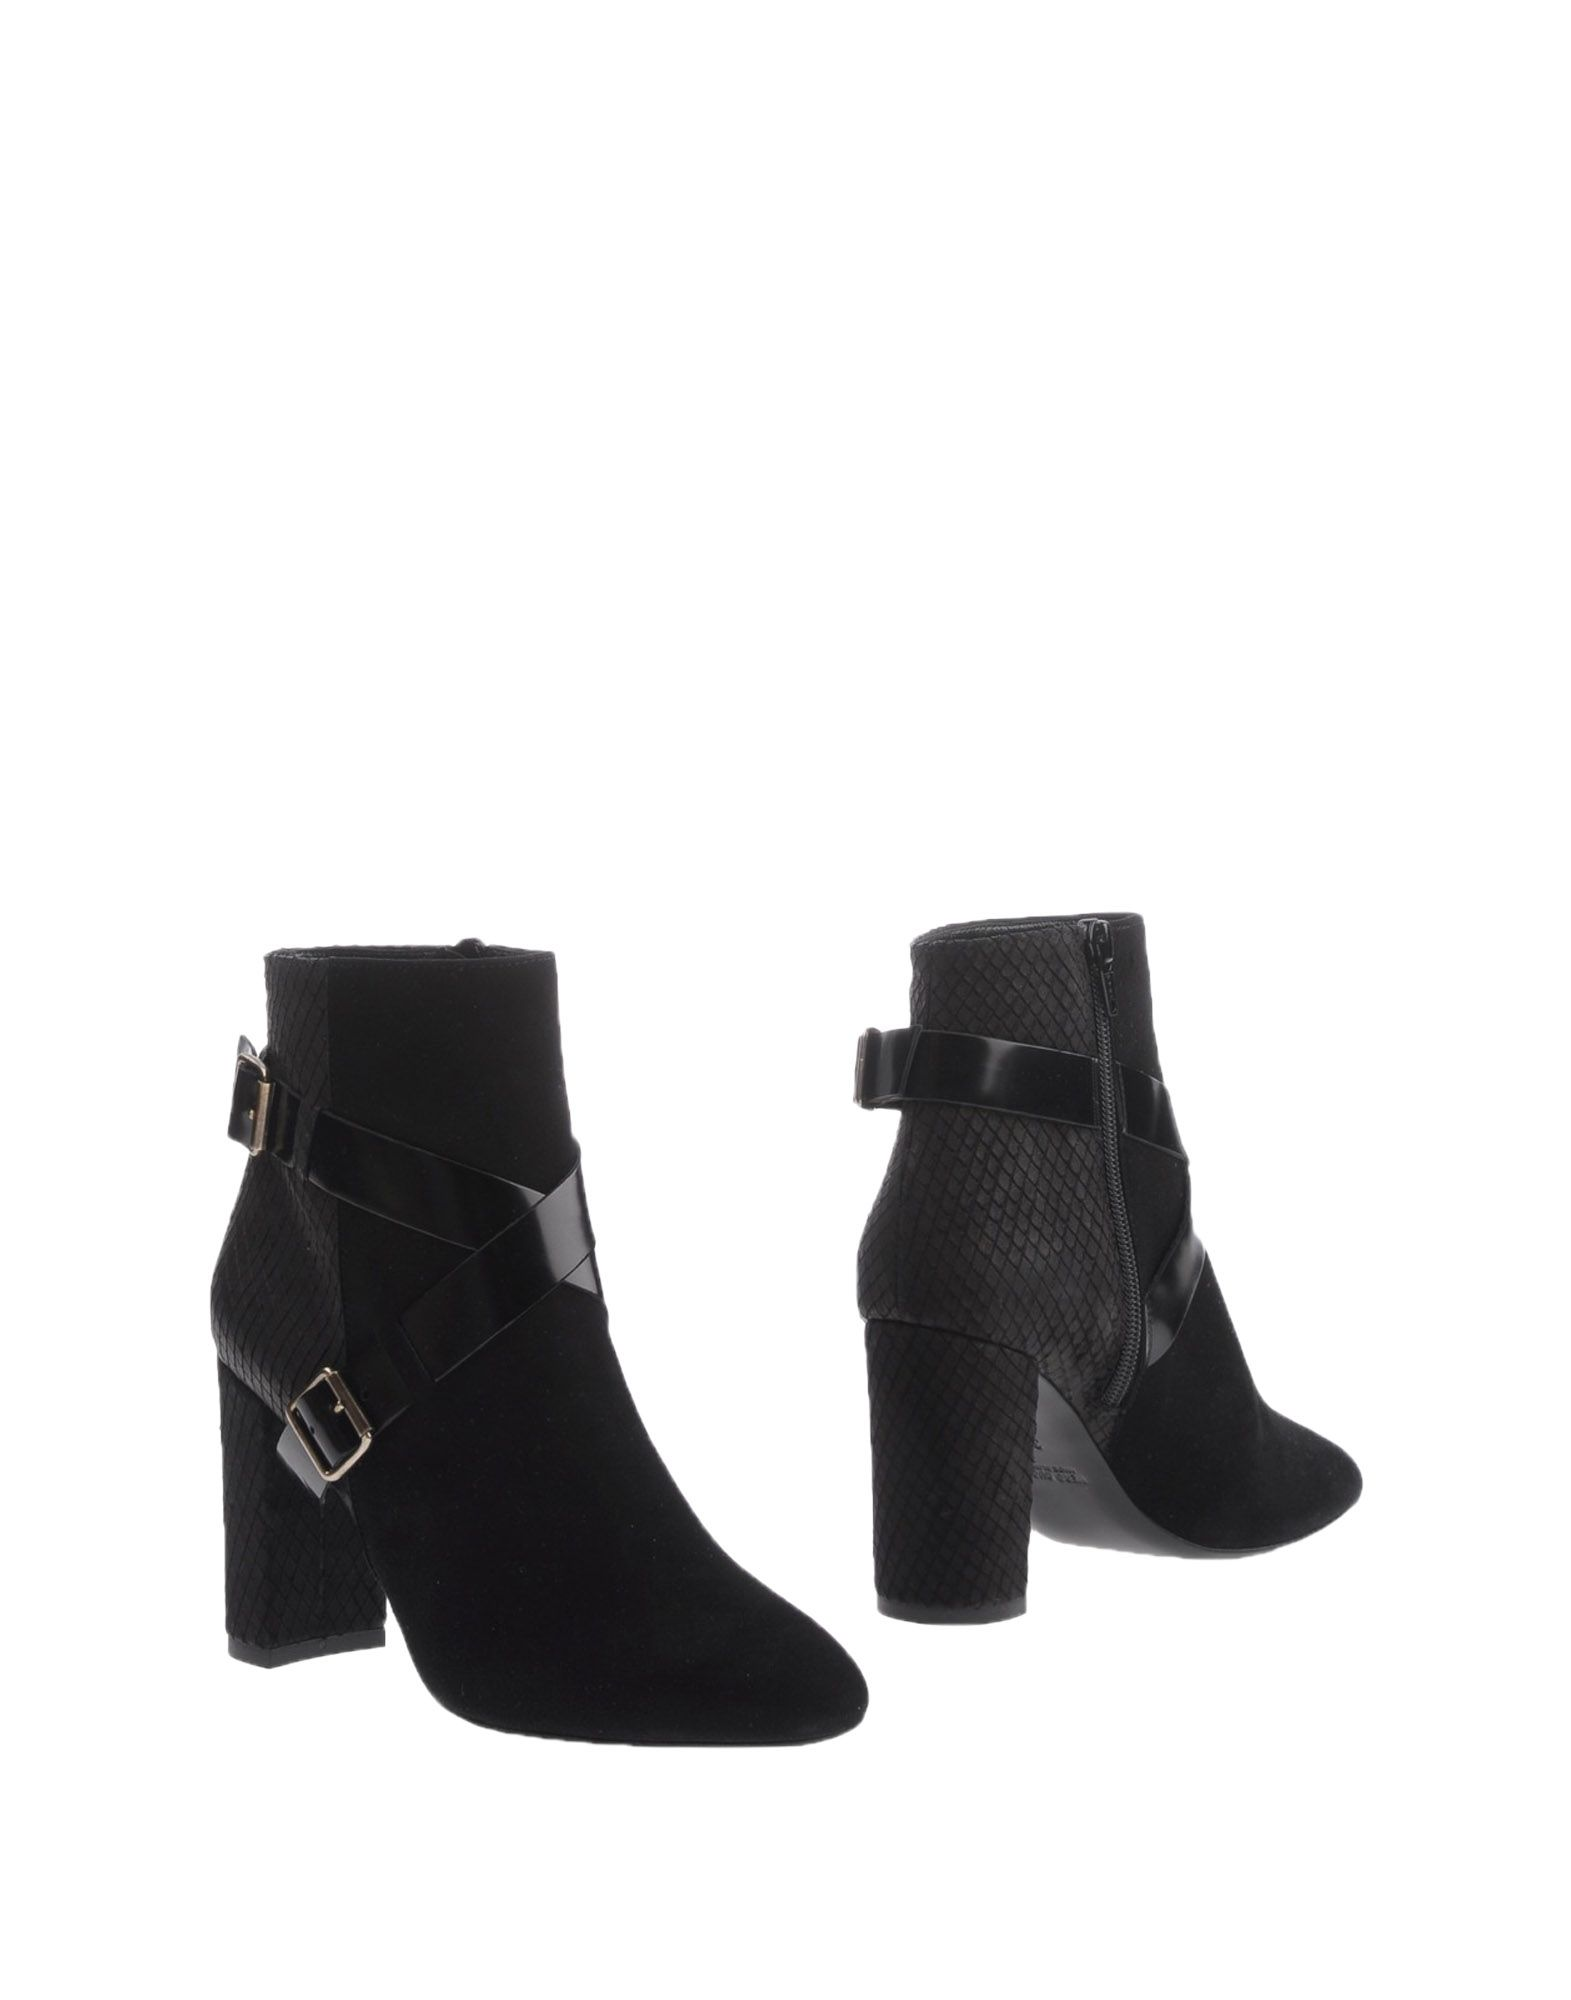 Prezioso Stiefelette Damen  11219812WX Gute Qualität beliebte Schuhe